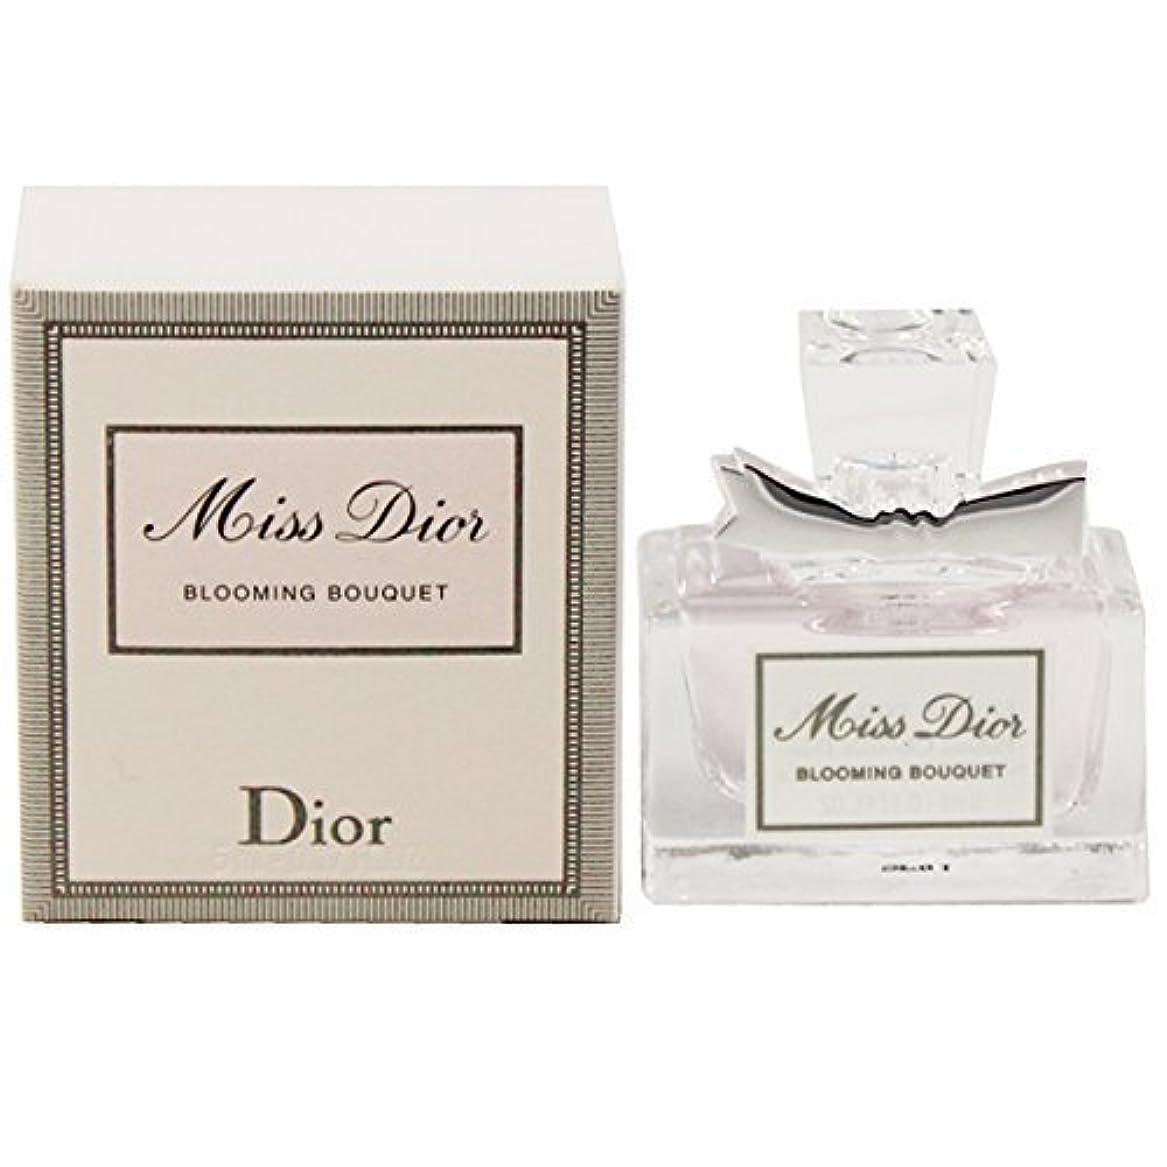 匹敵しますサンダル幾何学クリスチャン ディオール(Christian Dior) ミス ディオール ブルーミングブーケEDT?BT 5ml[並行輸入品]